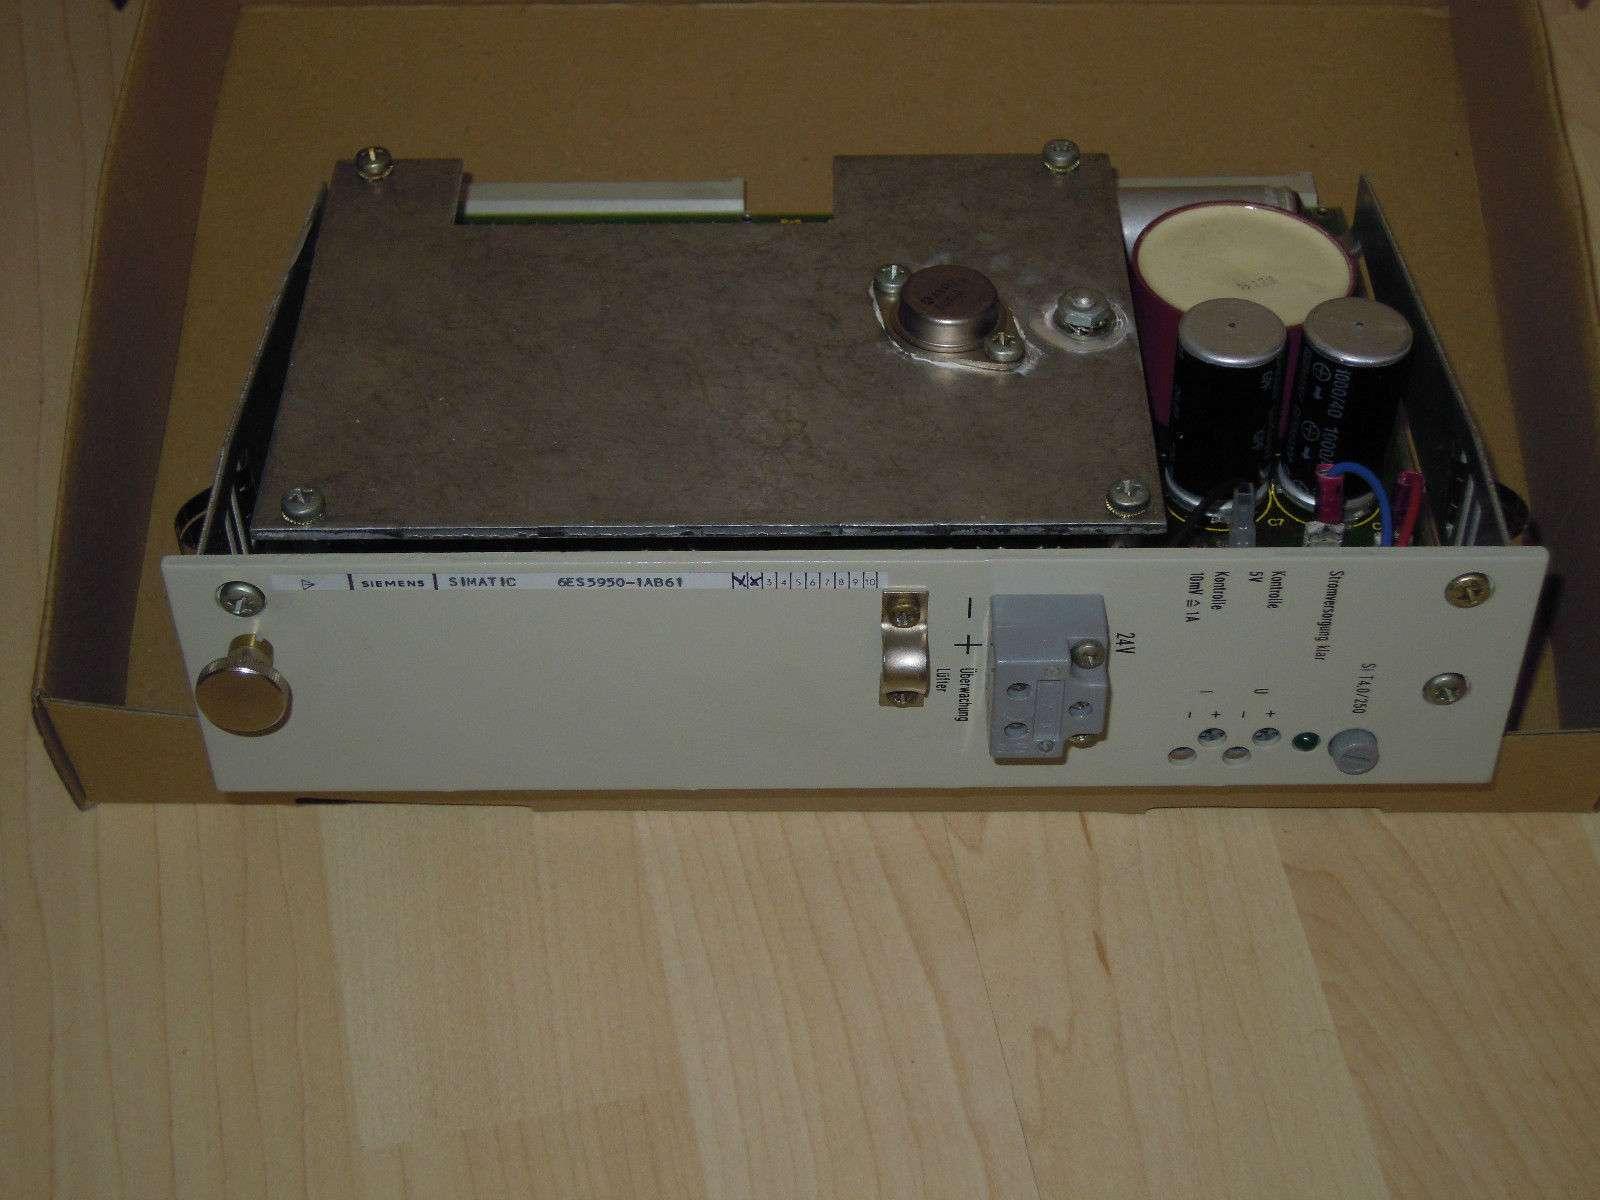 Siemens Simatic S5 Stromversorgung 950 6ES5950-1AB61 6ES5 950-1AB61